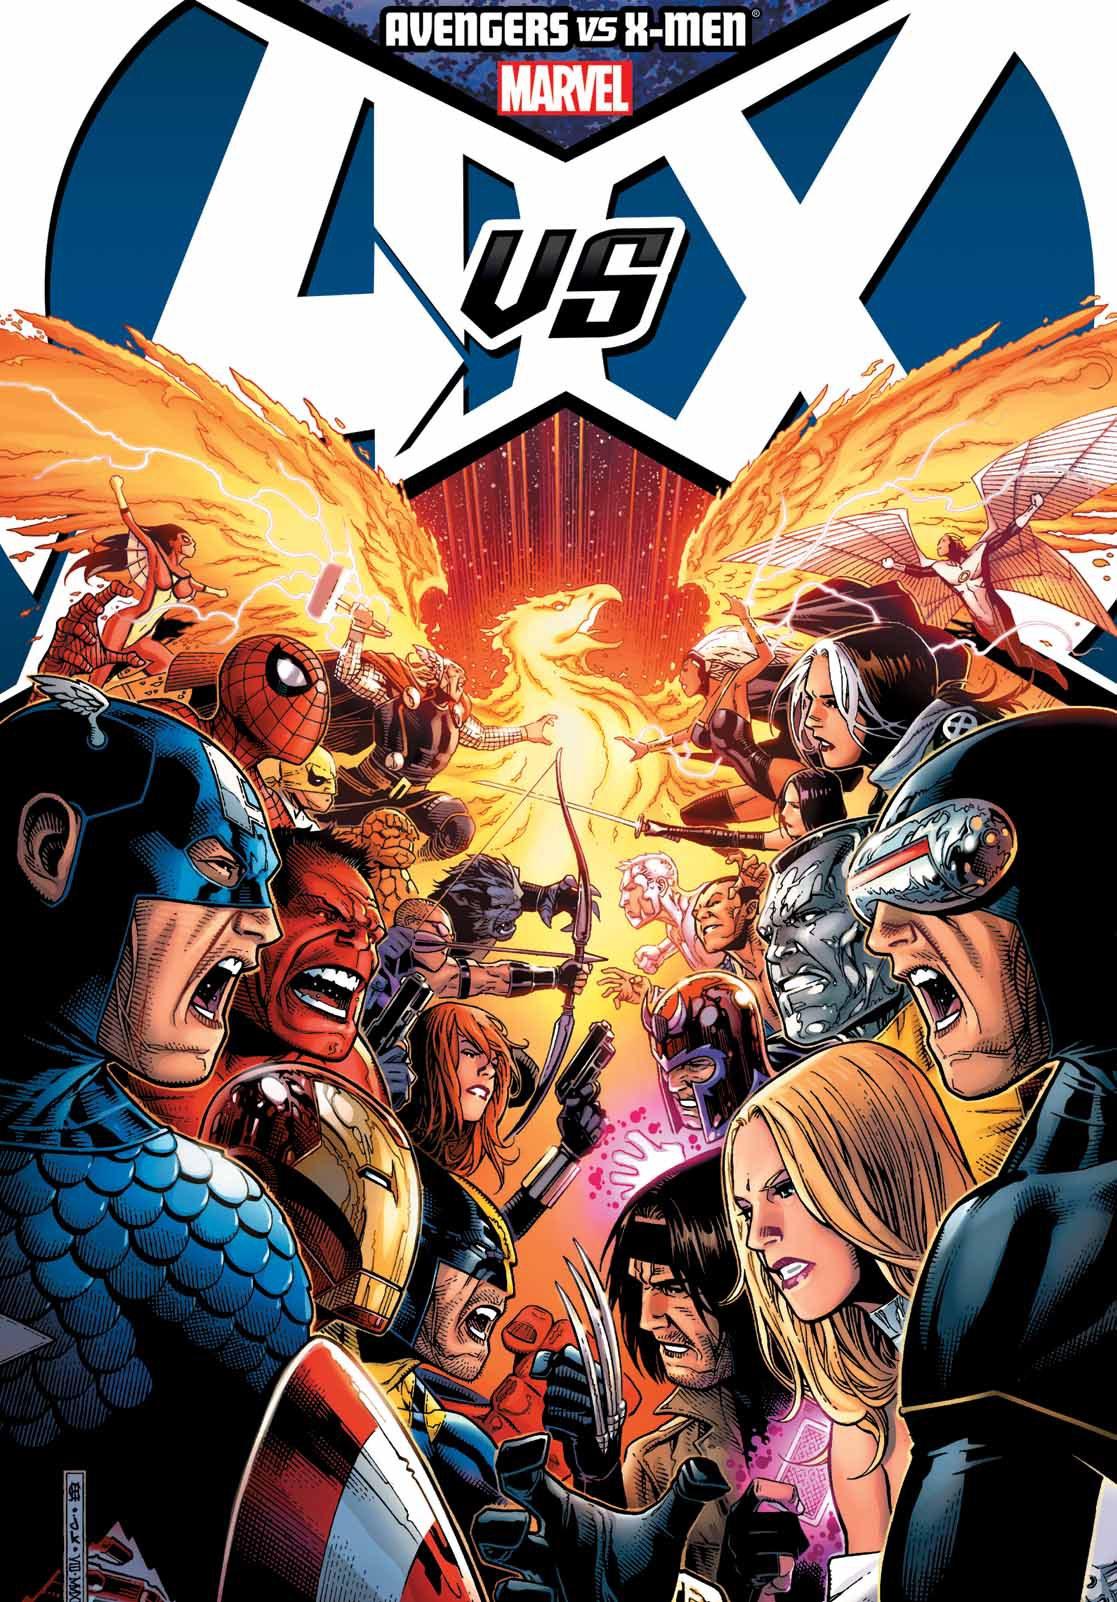 Avengers-vs.-X-Men